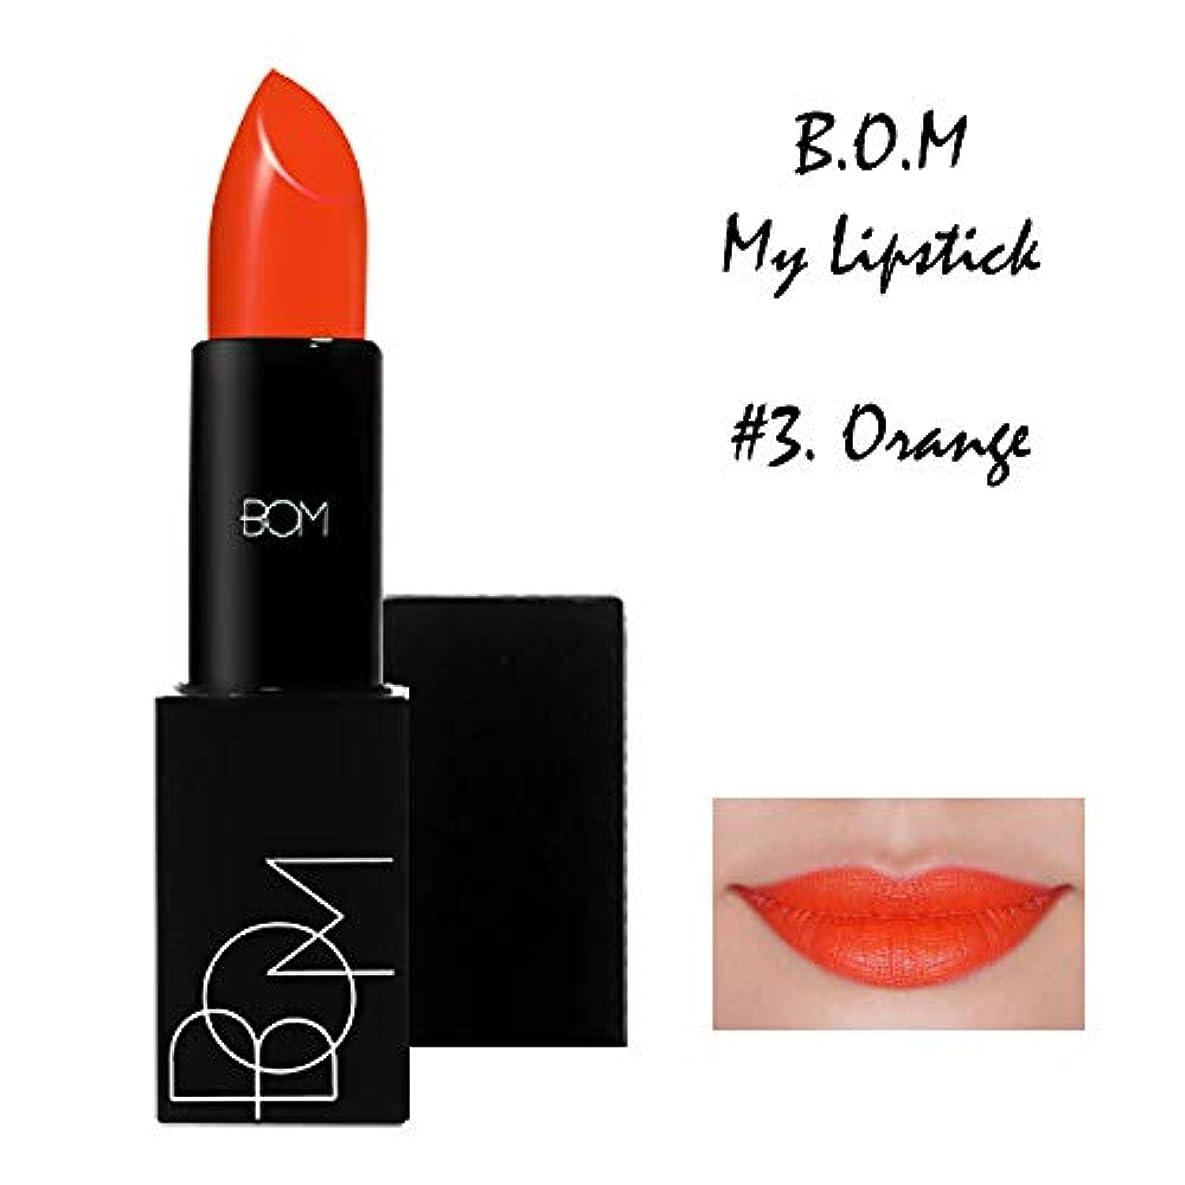 世界に死んだくすぐったい医師bom 韓国化粧品6色磁気ケース付きマットリップスティック #803。オレンジ